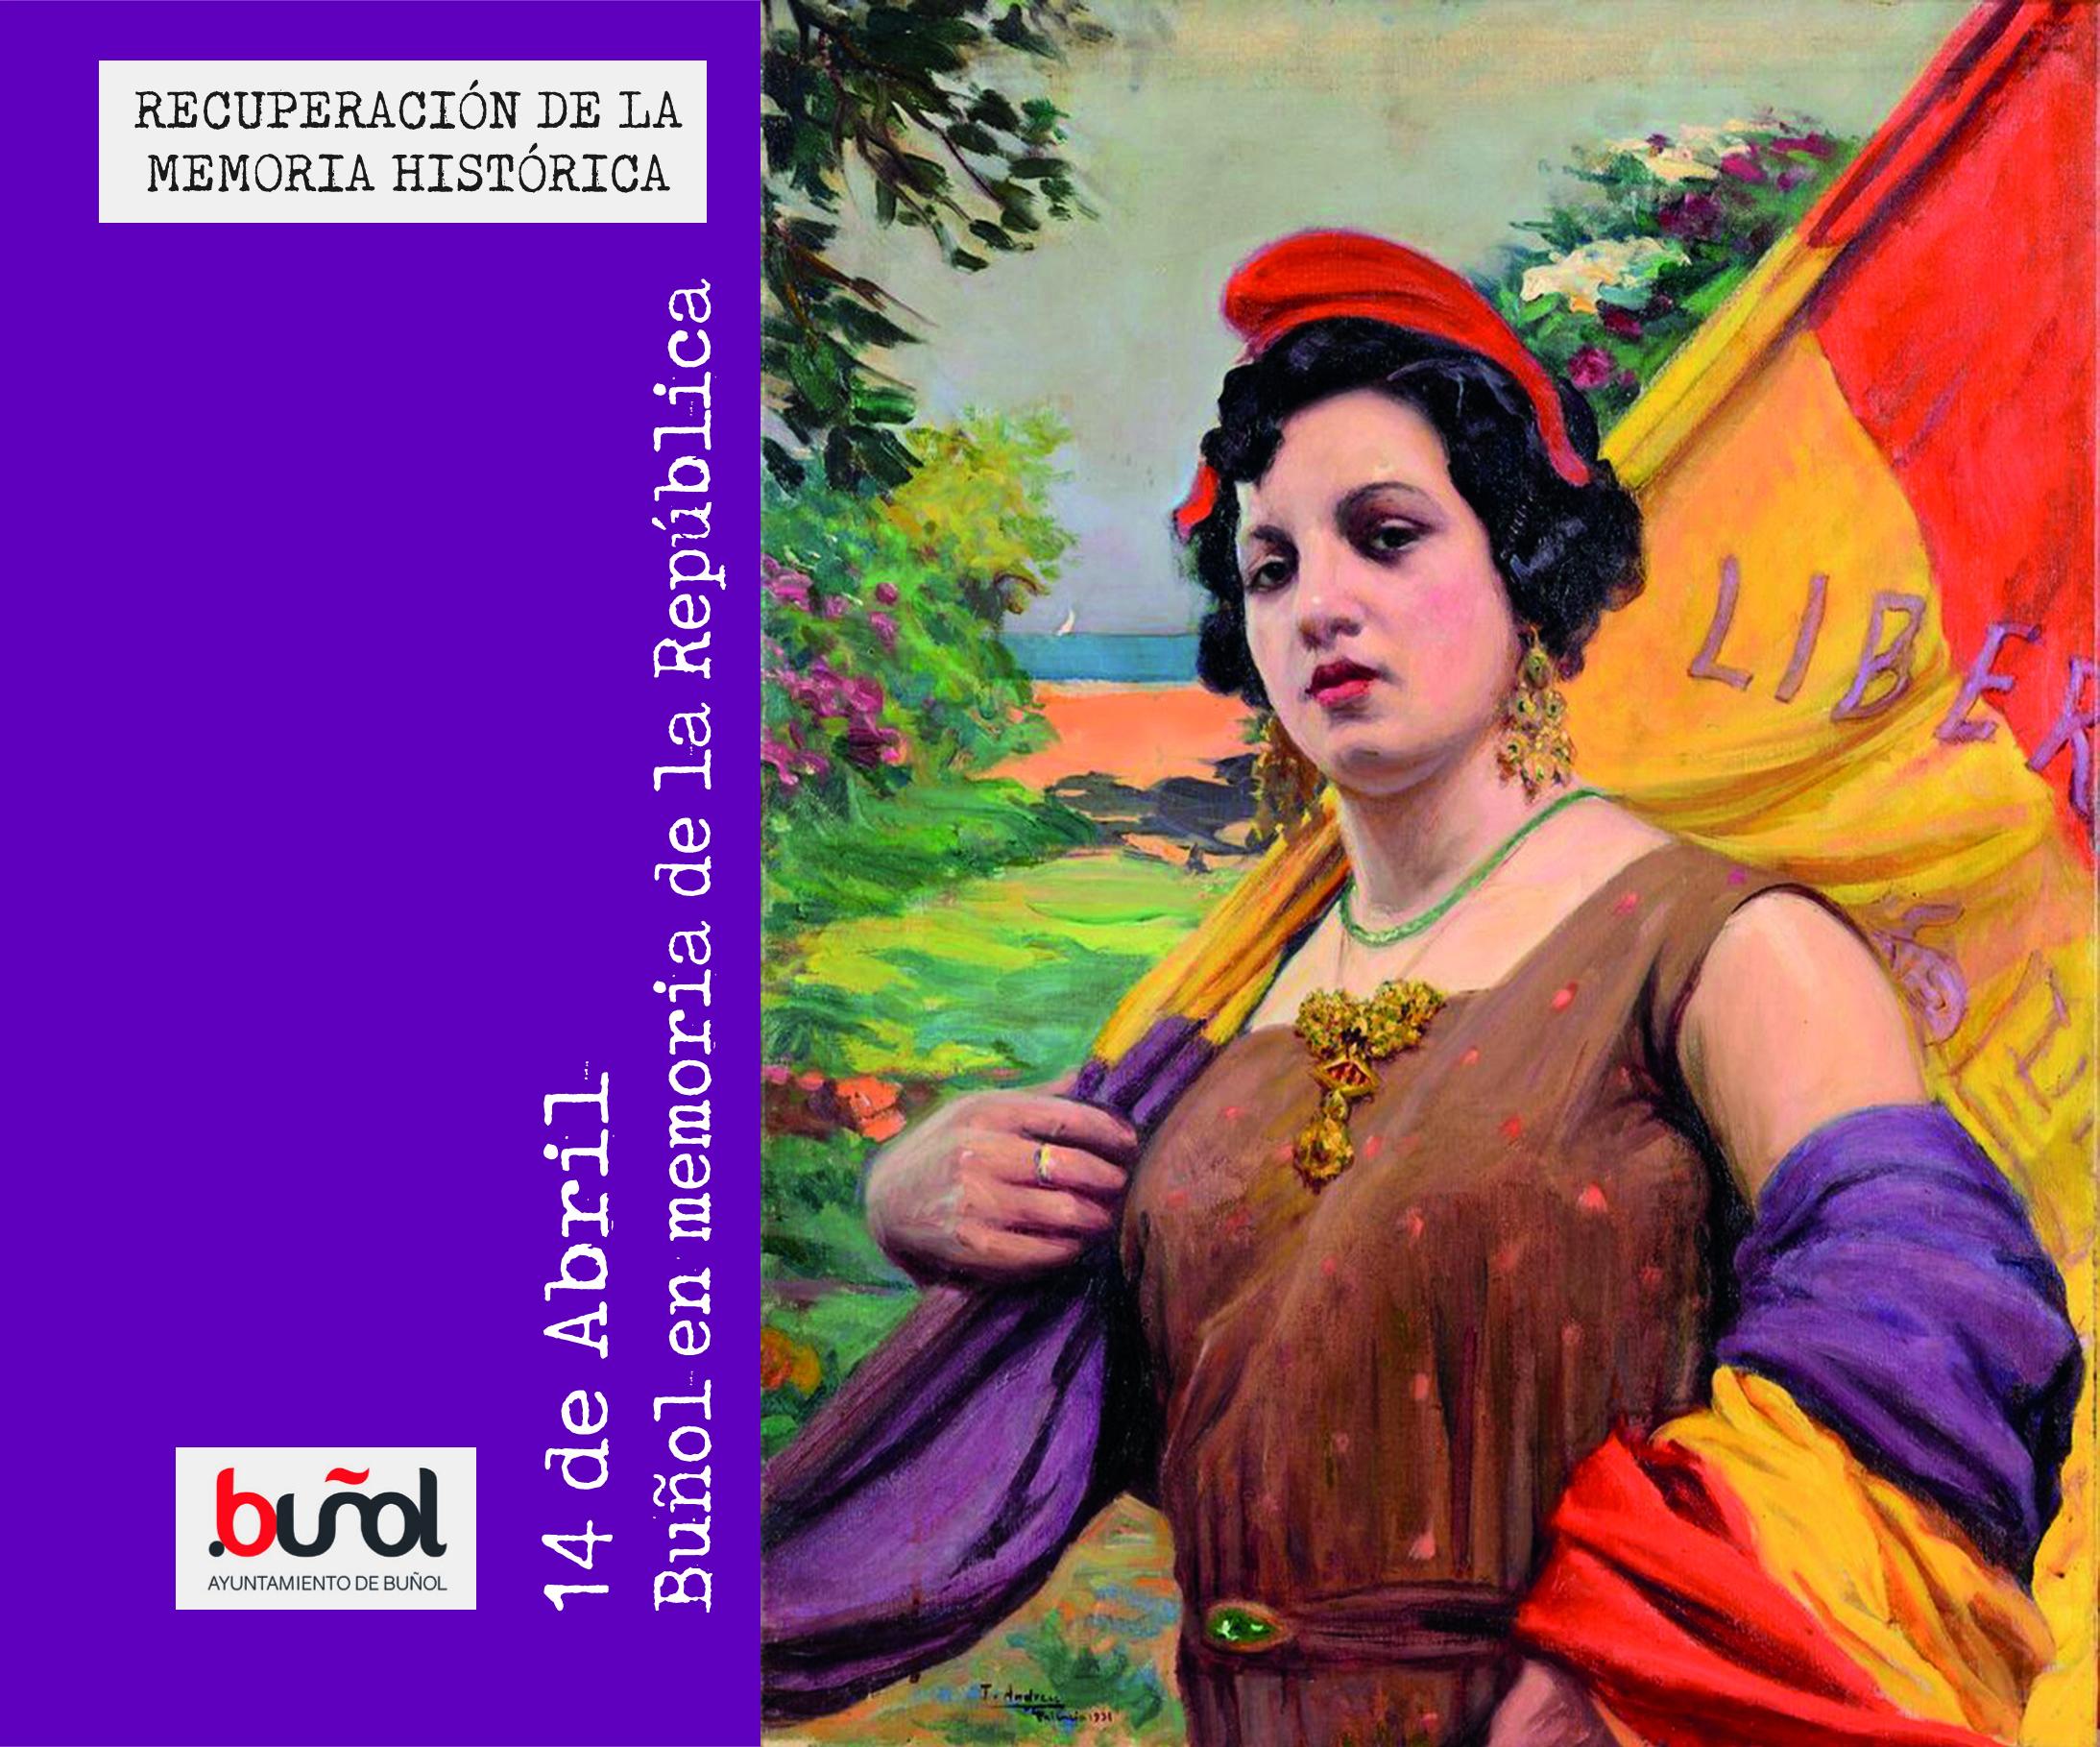 Buñol organiza actos por la República y la Memoria Histórica.